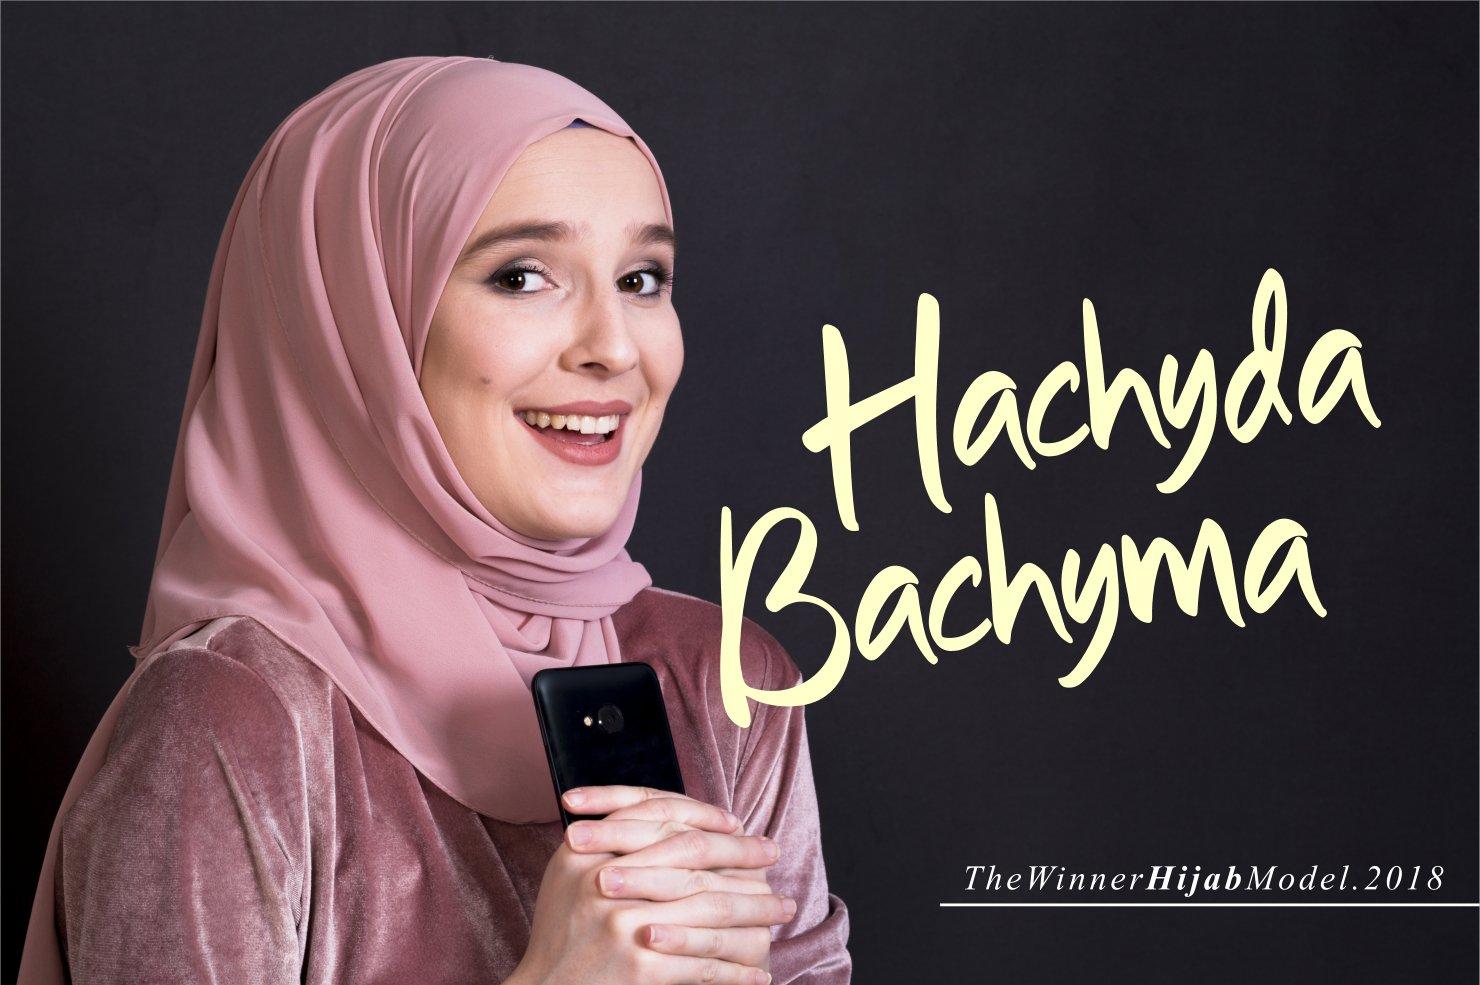 Sachyma example image 2